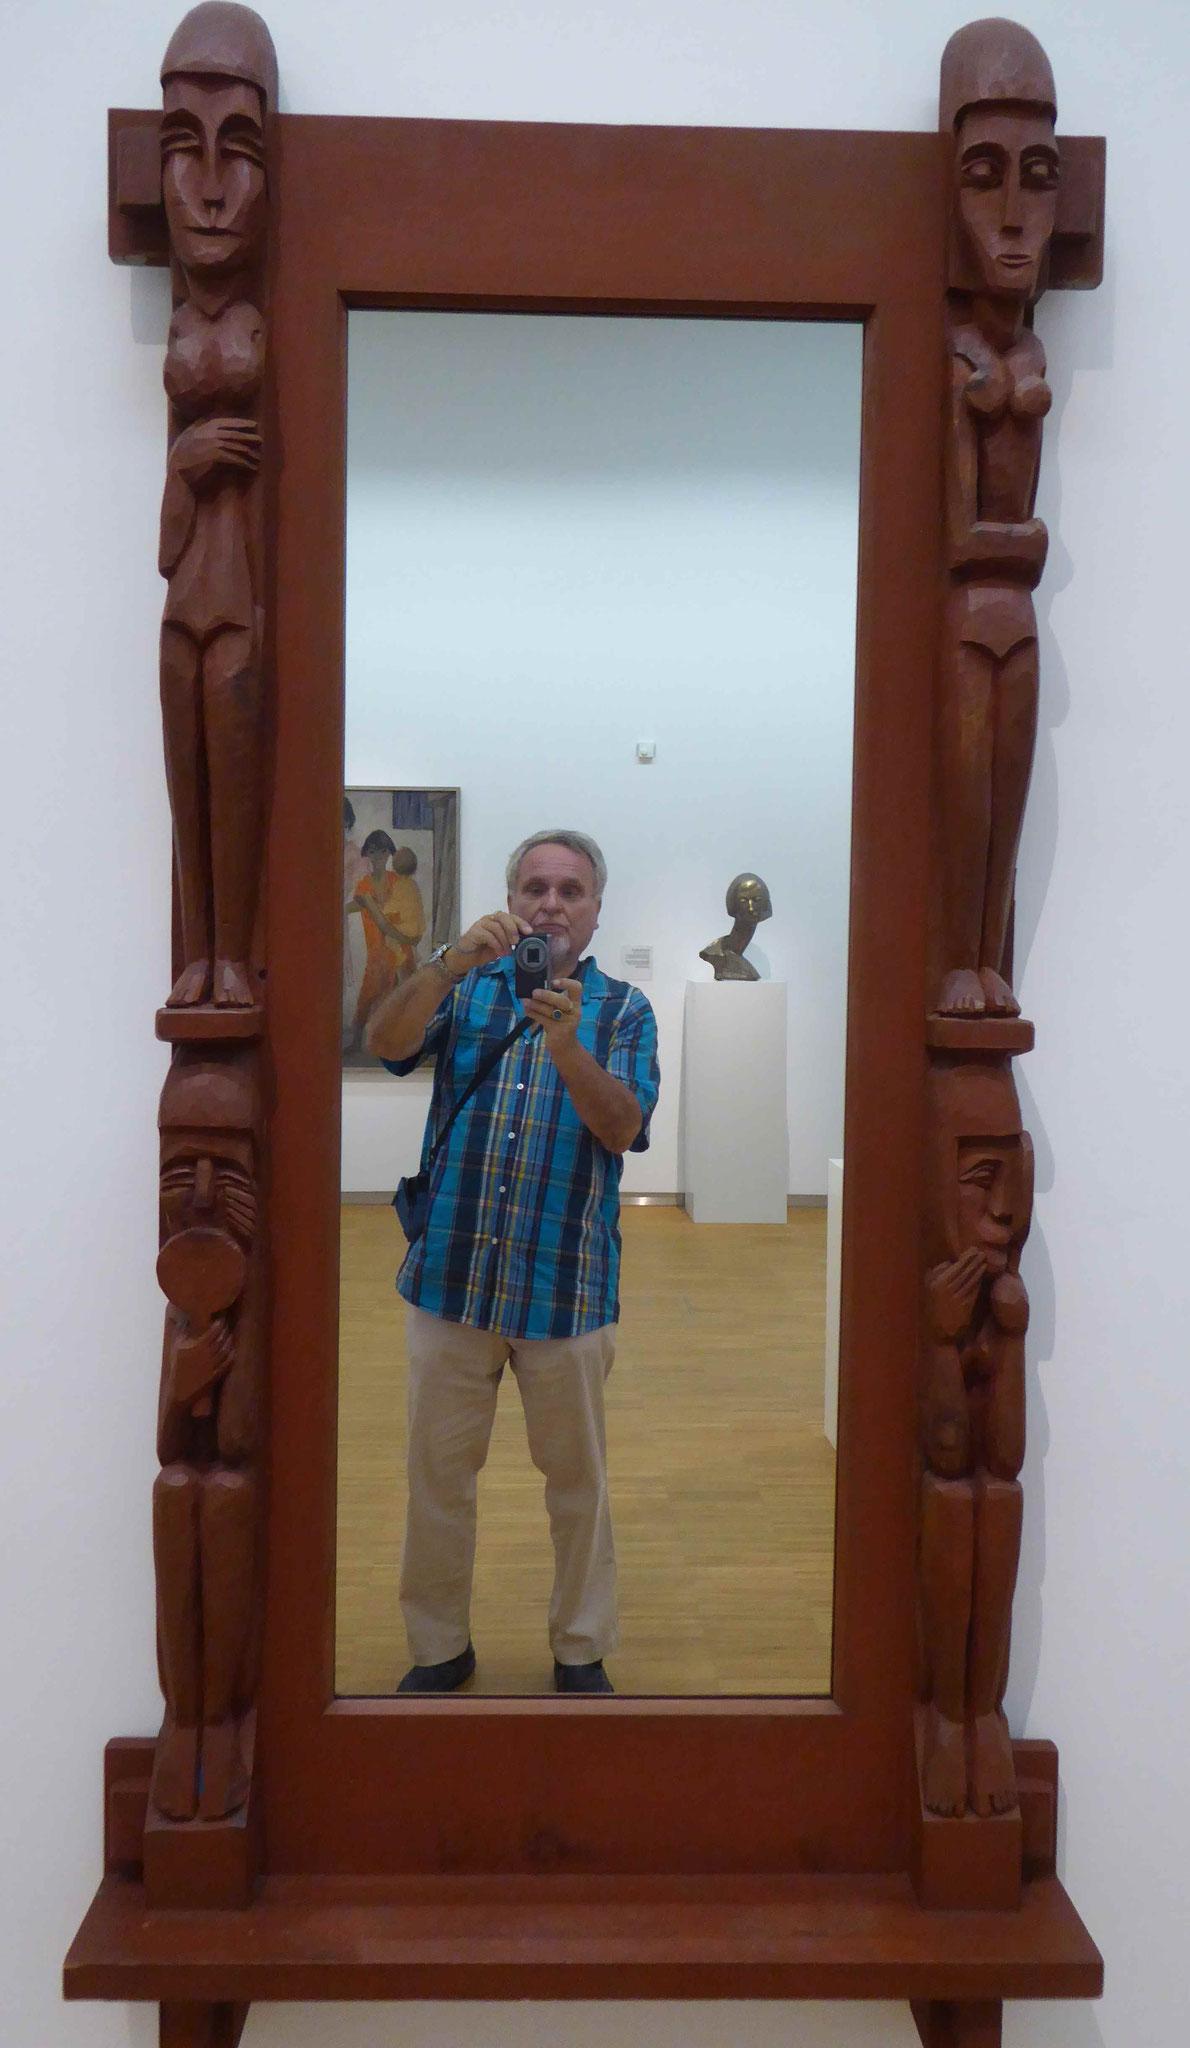 Ernst Ludwig Kirchner, Geschnitzter Spiegel, Germanisches Nationalmuseum Nürnberg